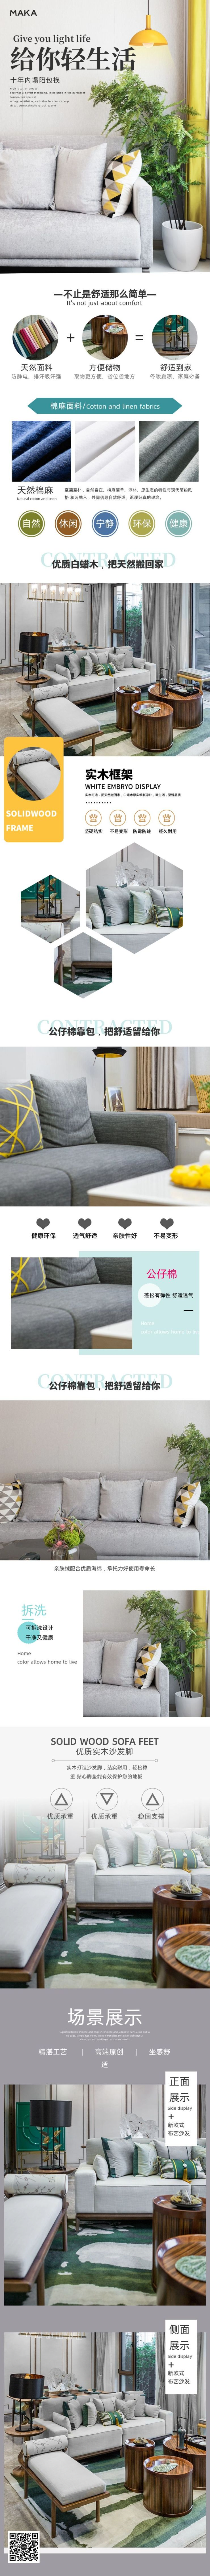 灰色清新简约欧式布艺沙发淘宝宝贝详情模板